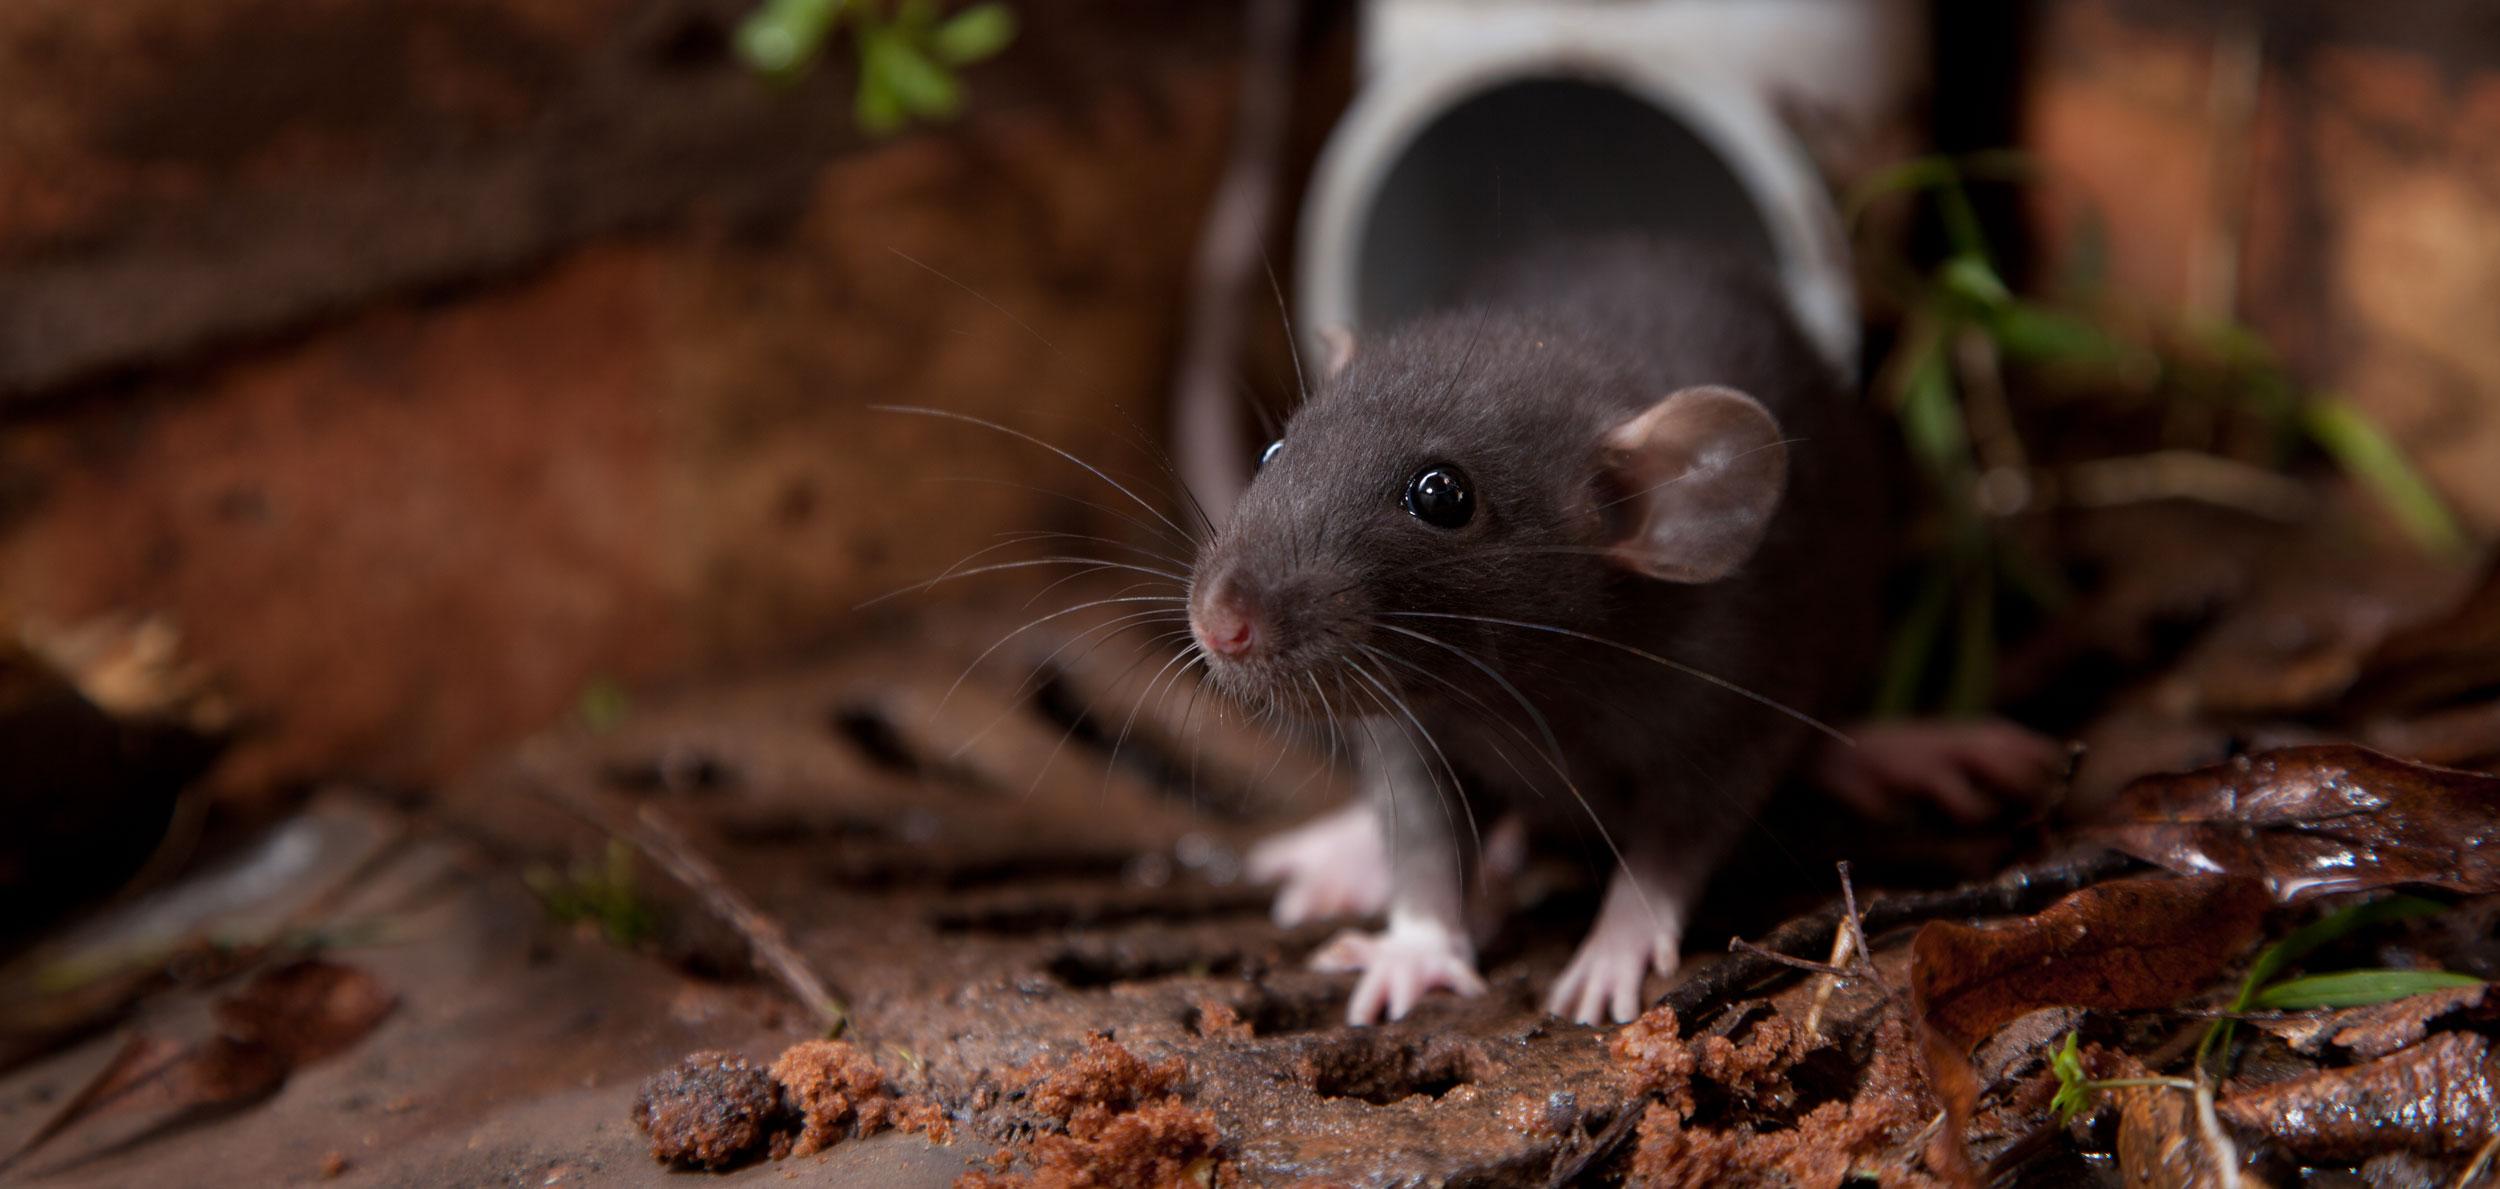 ratheader